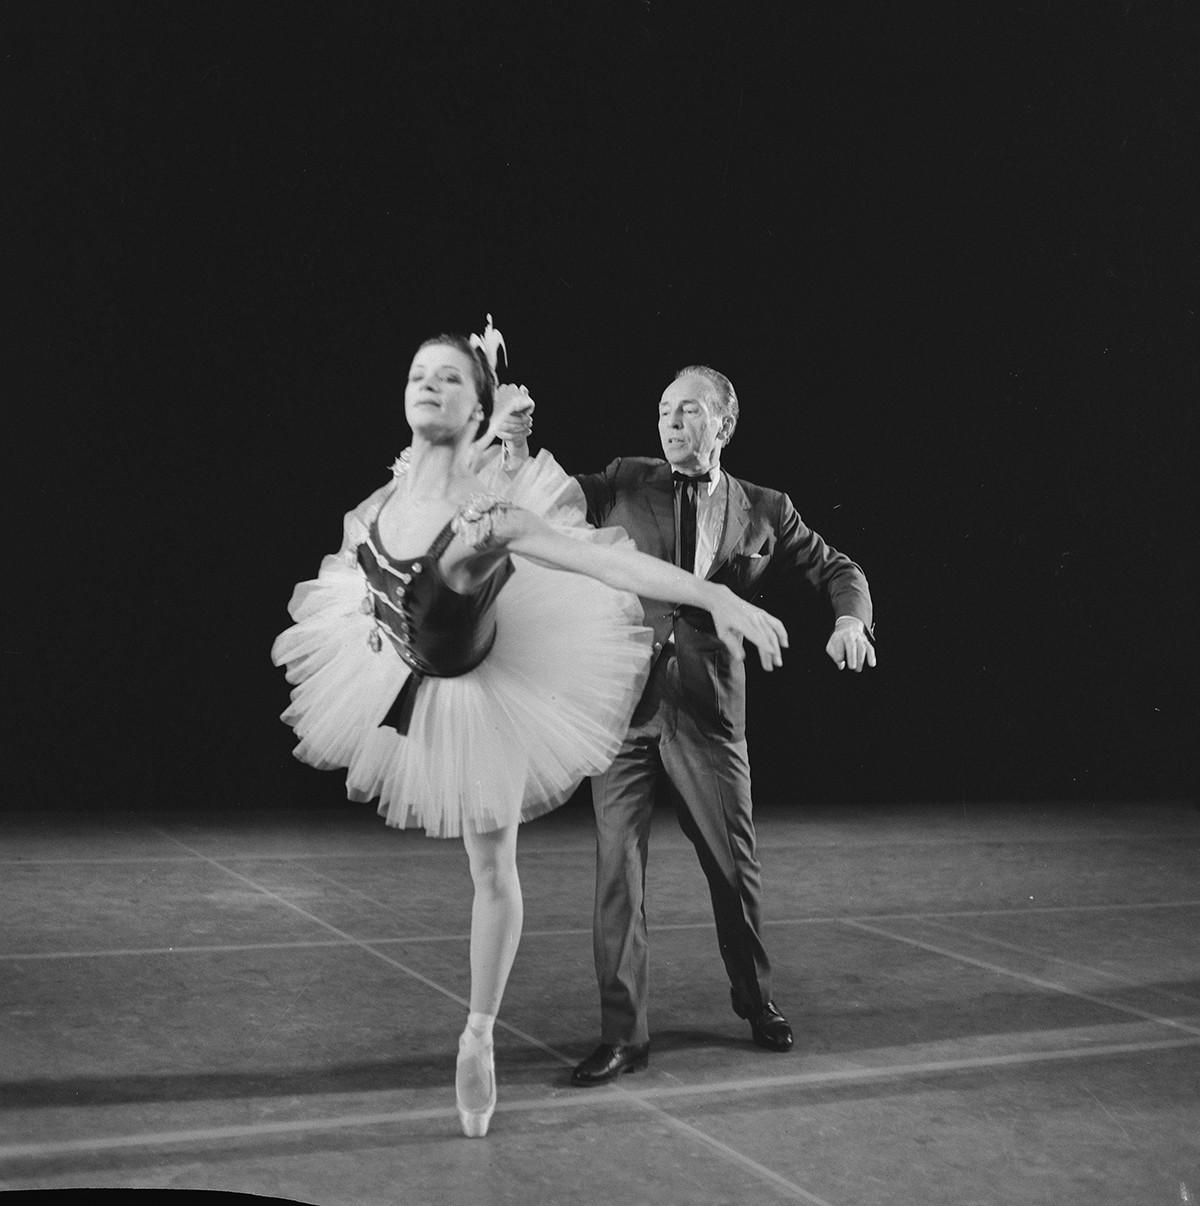 ダンサーとジョージ・バランシン